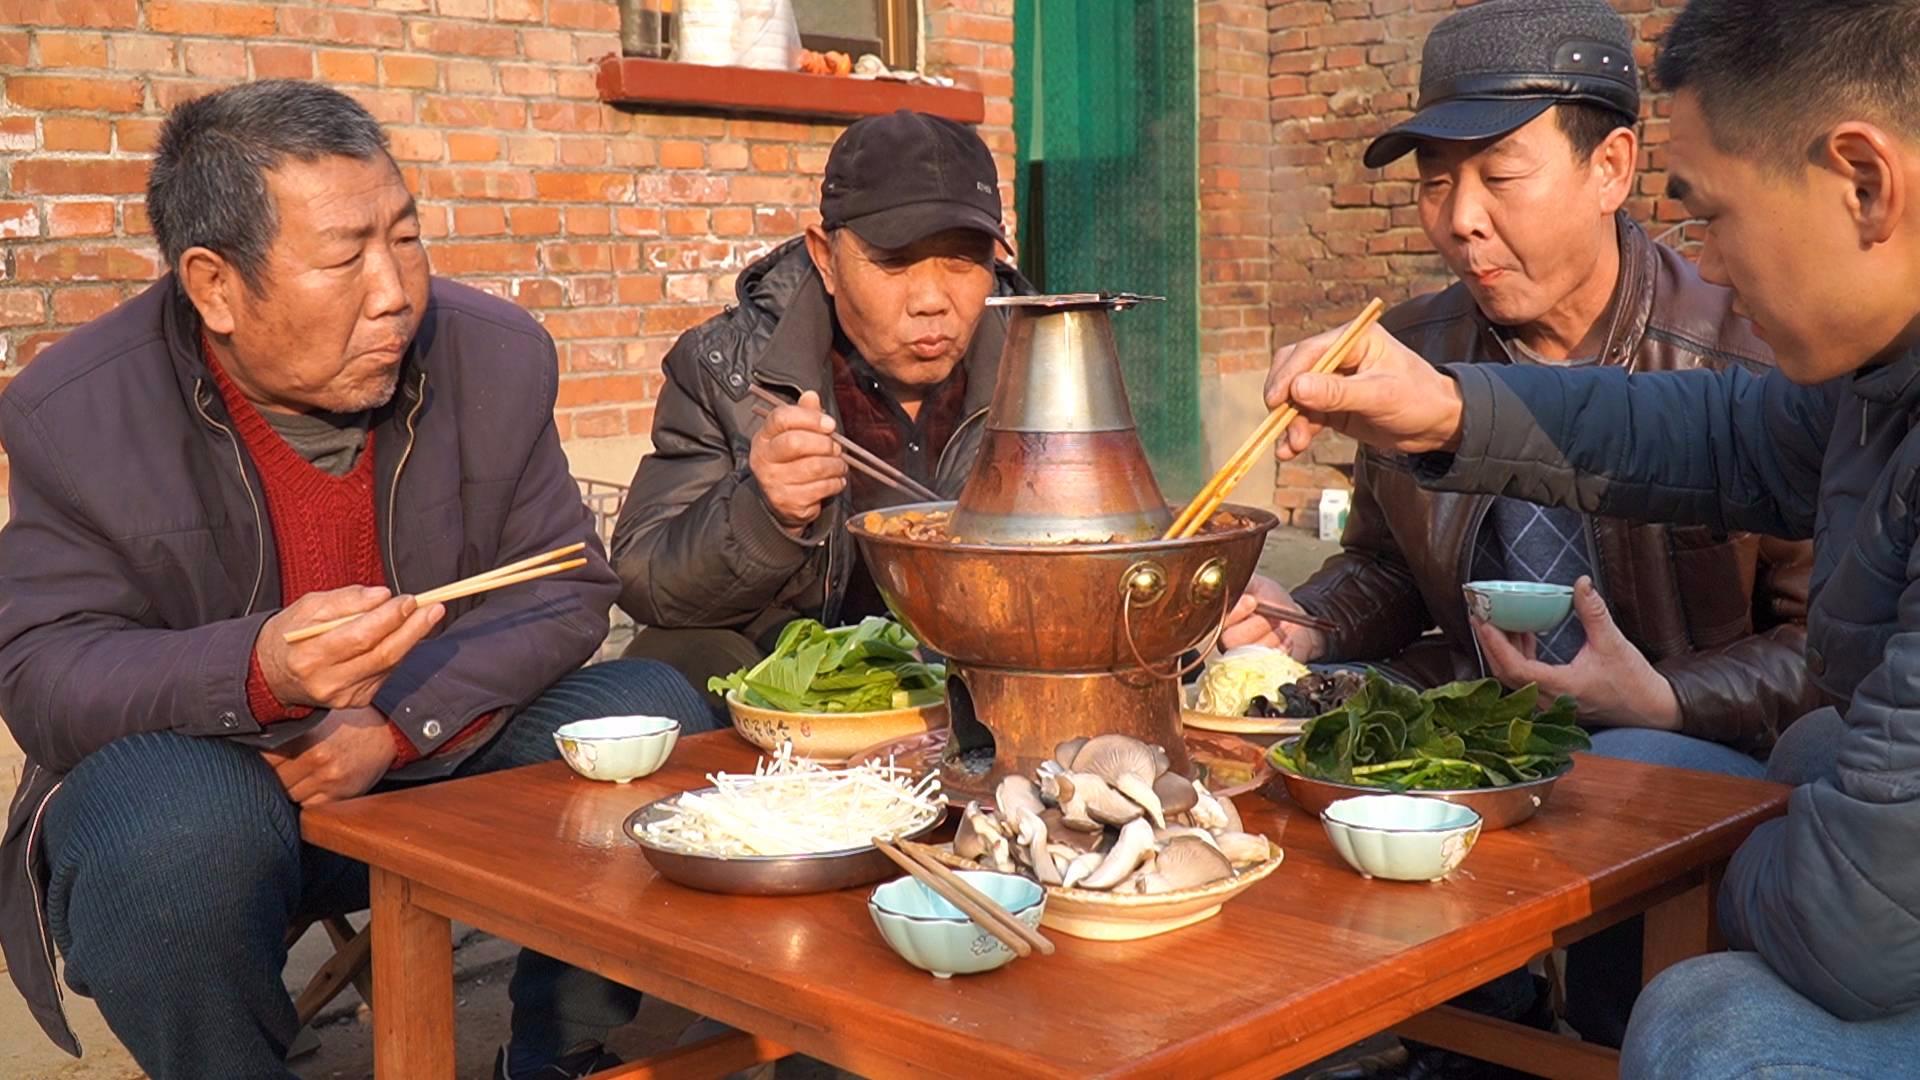 """阿远今天吃炭火""""牛杂火锅"""",牛杂配上肥羊,铜锅涮着吃,过瘾"""